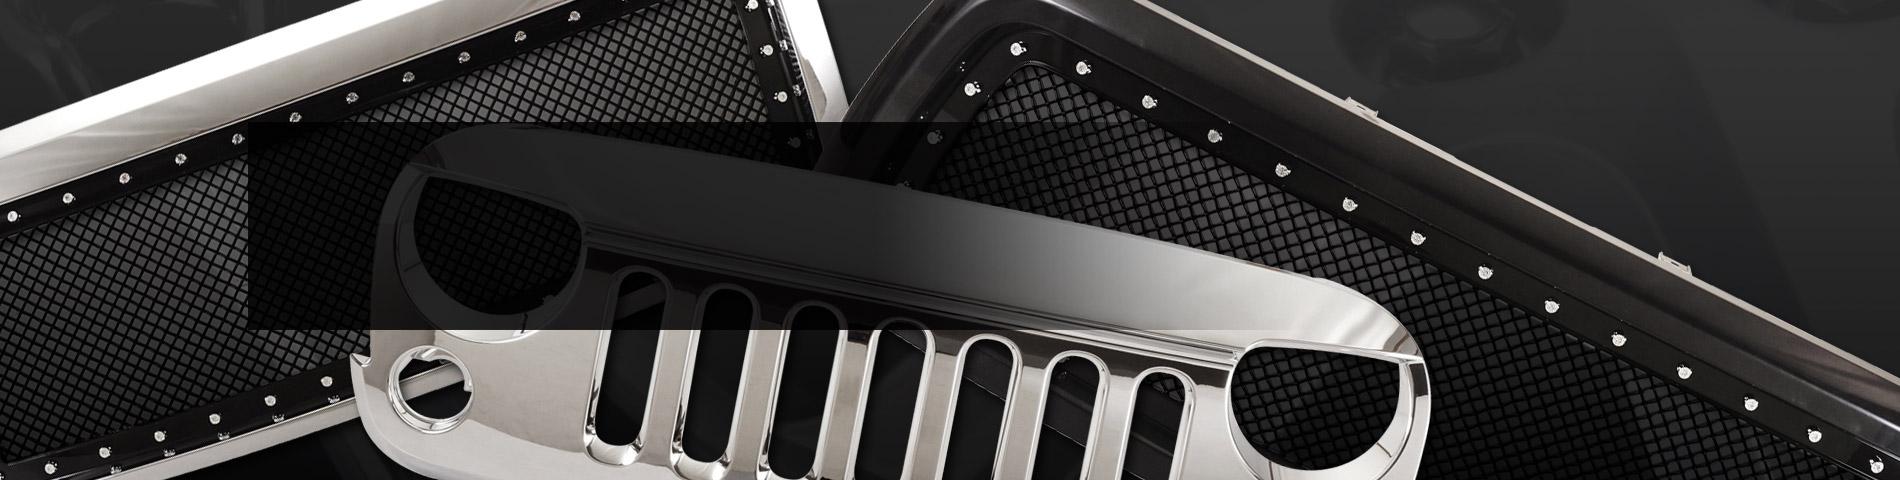 Profesionist din plastic Chrome, producător de accesorii auto    Bine ați venit să contactați pentru deschiderea de mucegai noi